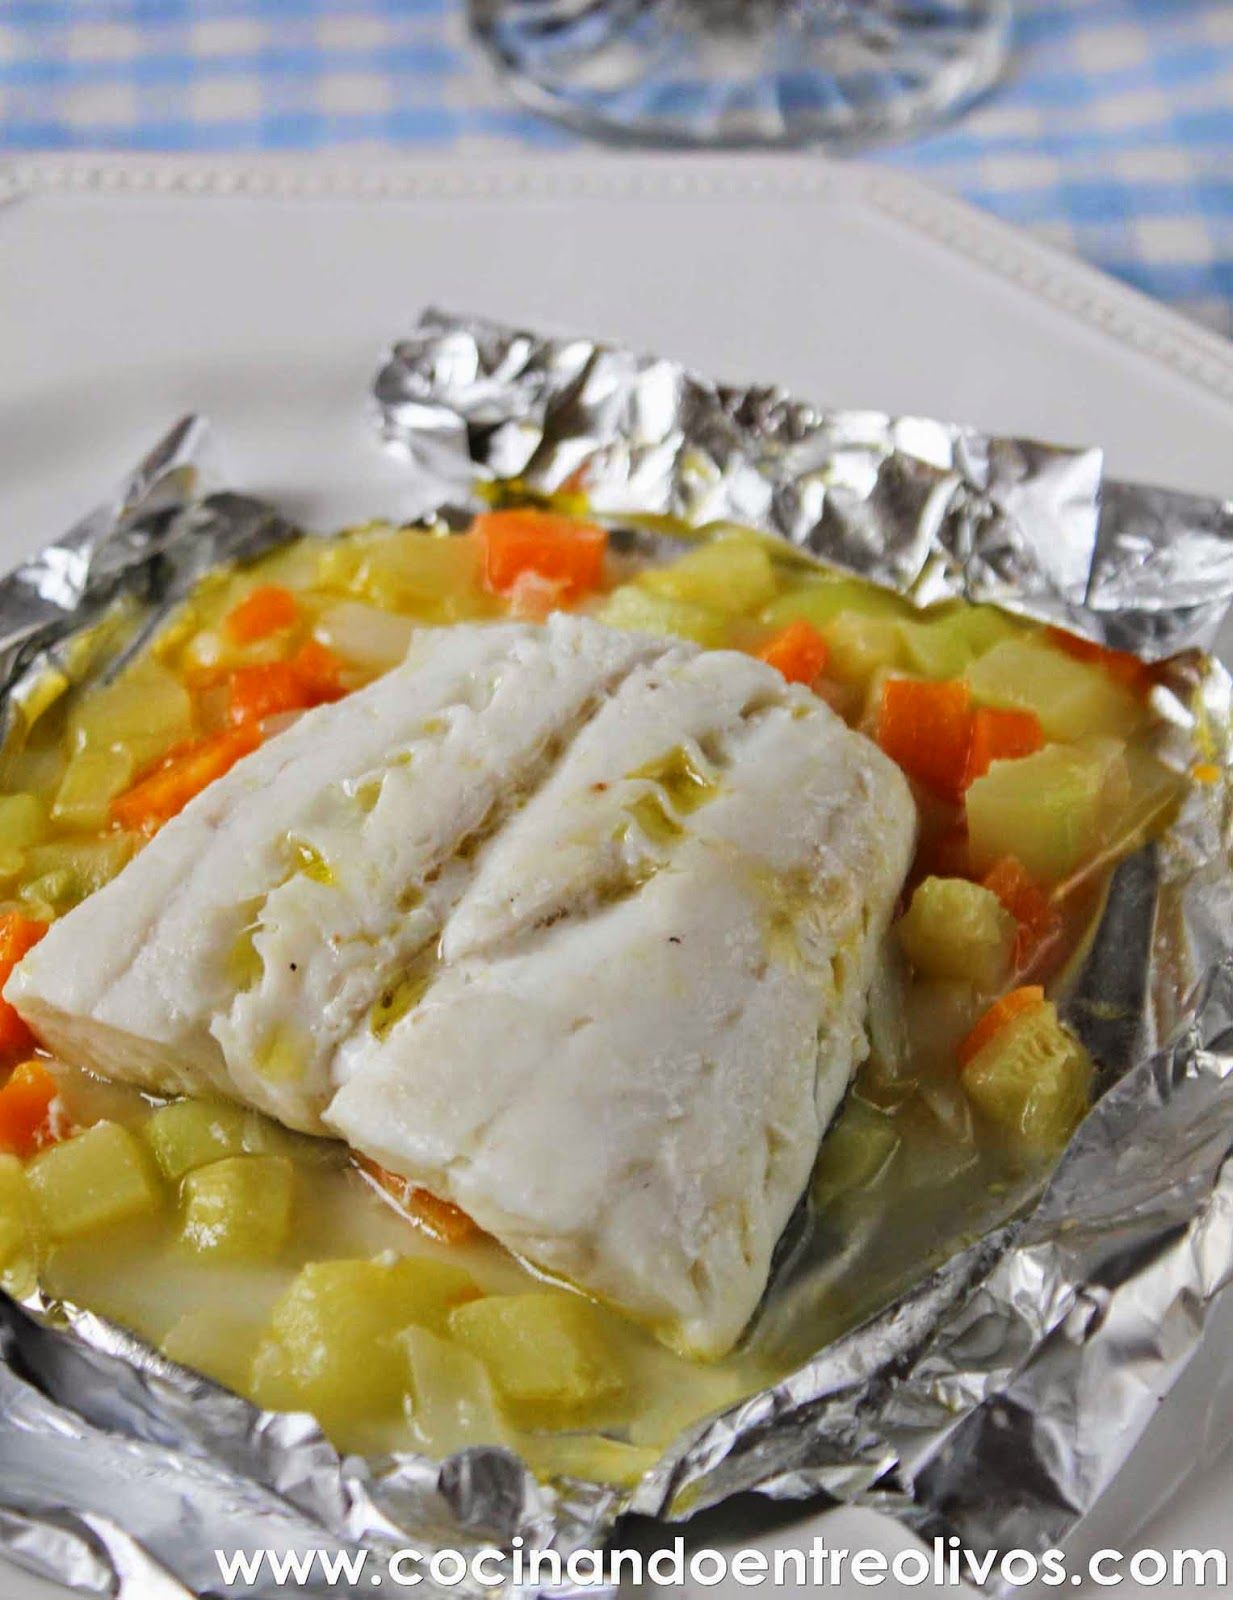 Cocinando Entre Olivos Merluza En Papillote Con Verduras Receta Paso A P Recetas De Merluza Pescado Con Verduras Verduras